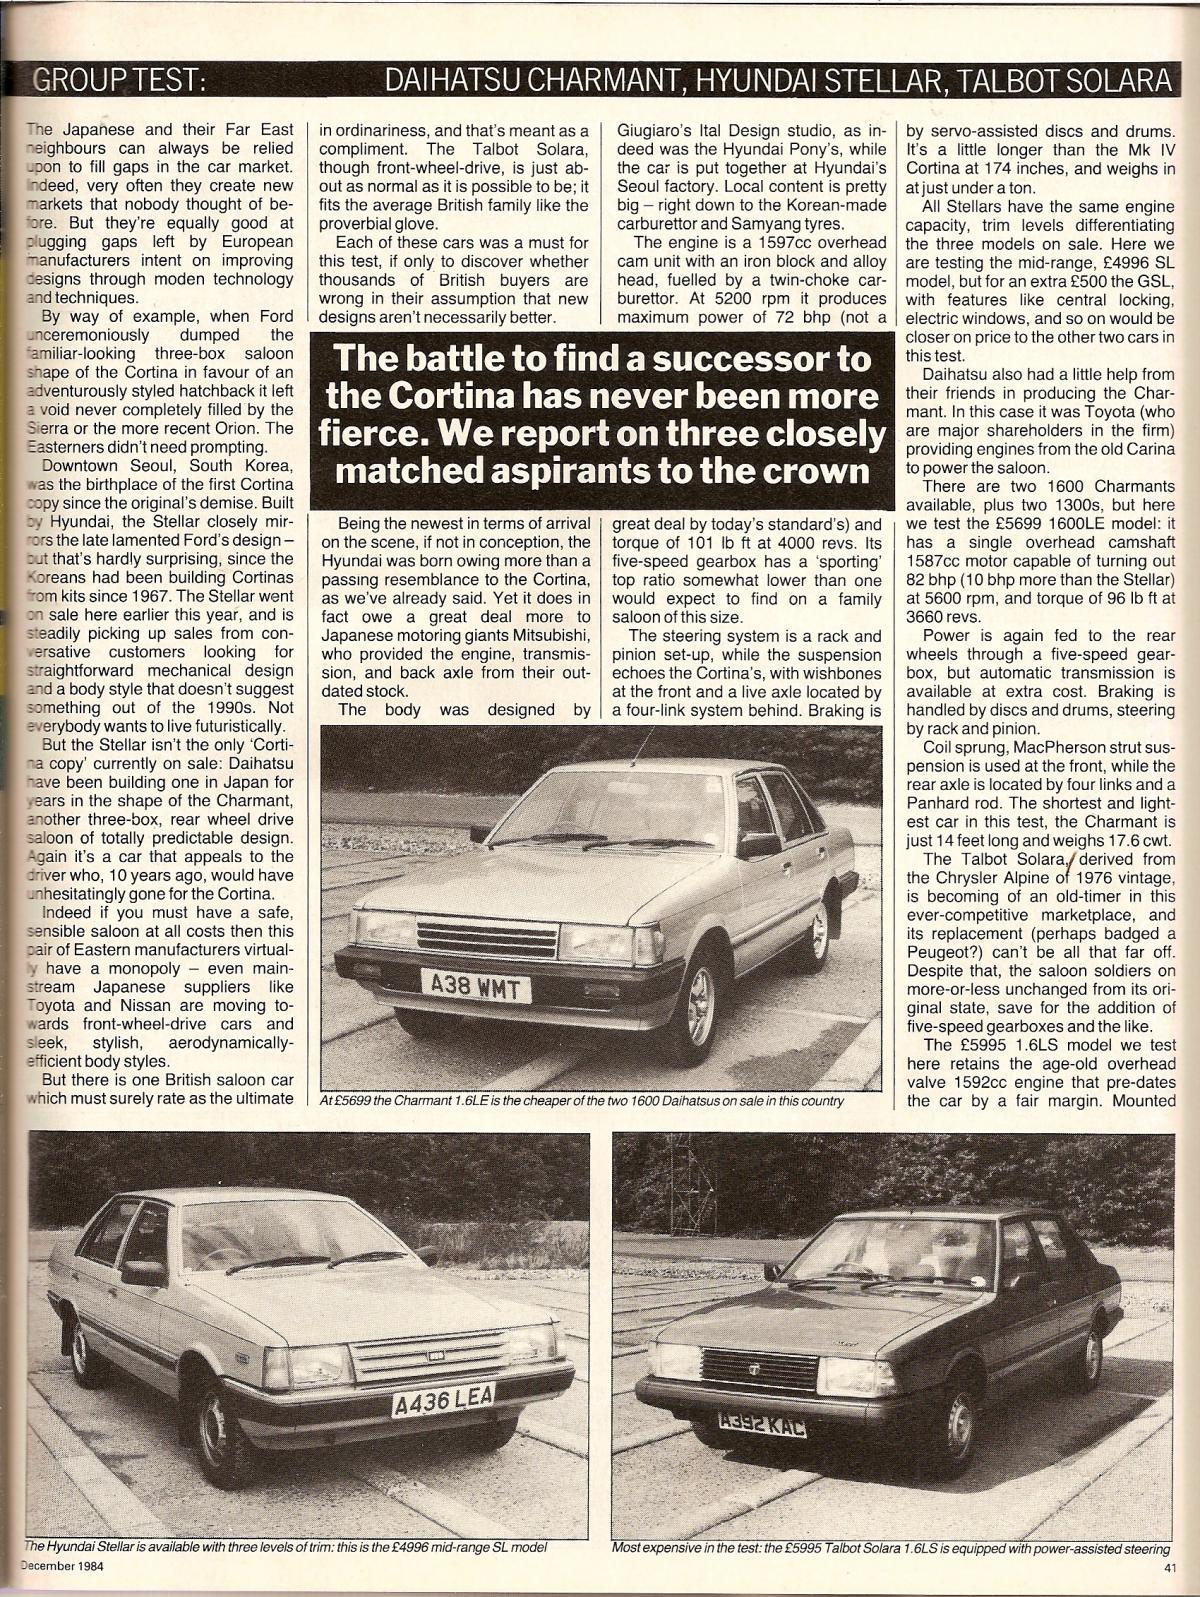 Hyundai Stellar Vs Daihatsu Charmant & Talbot Solara Test 1984 (1).jpg